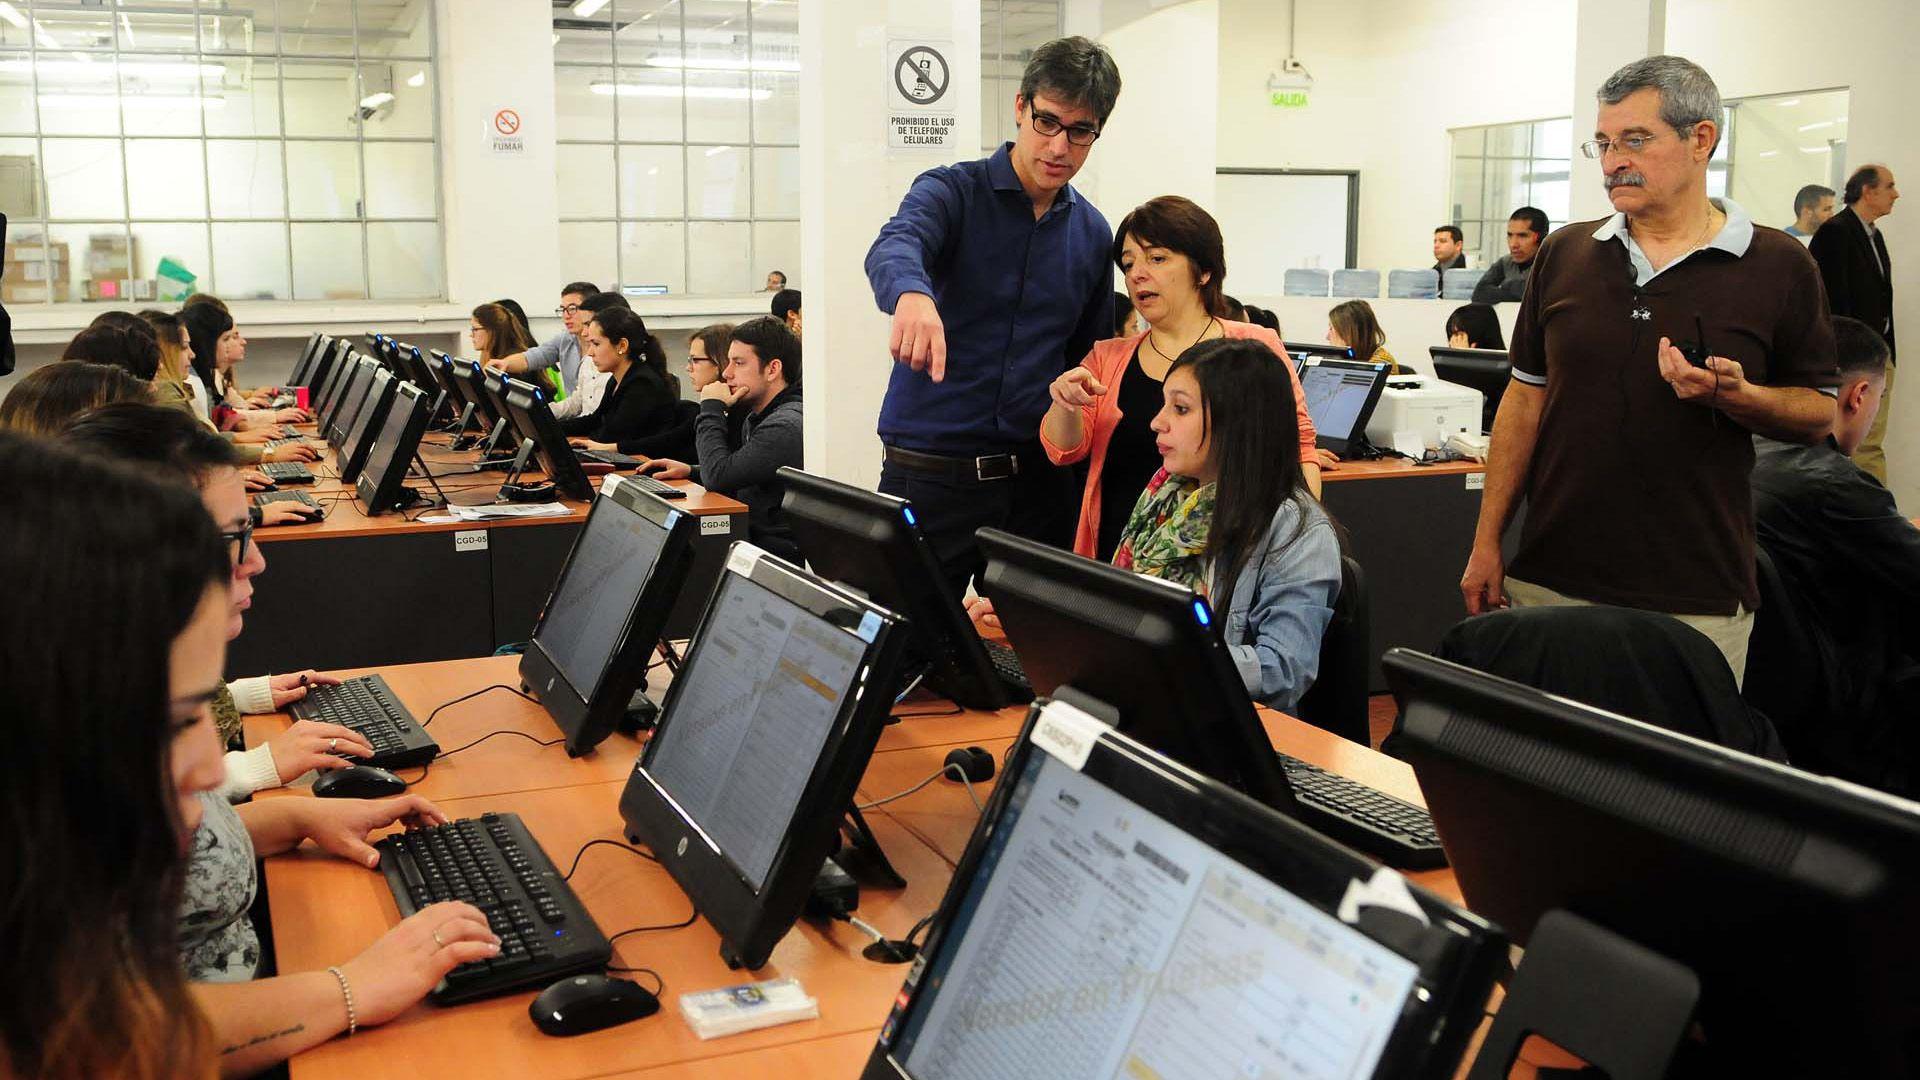 El secretario de Asuntos Políticos e Institucionales de la Nación, Adrián Pérez, en uno de los simulacros del escrutinio.